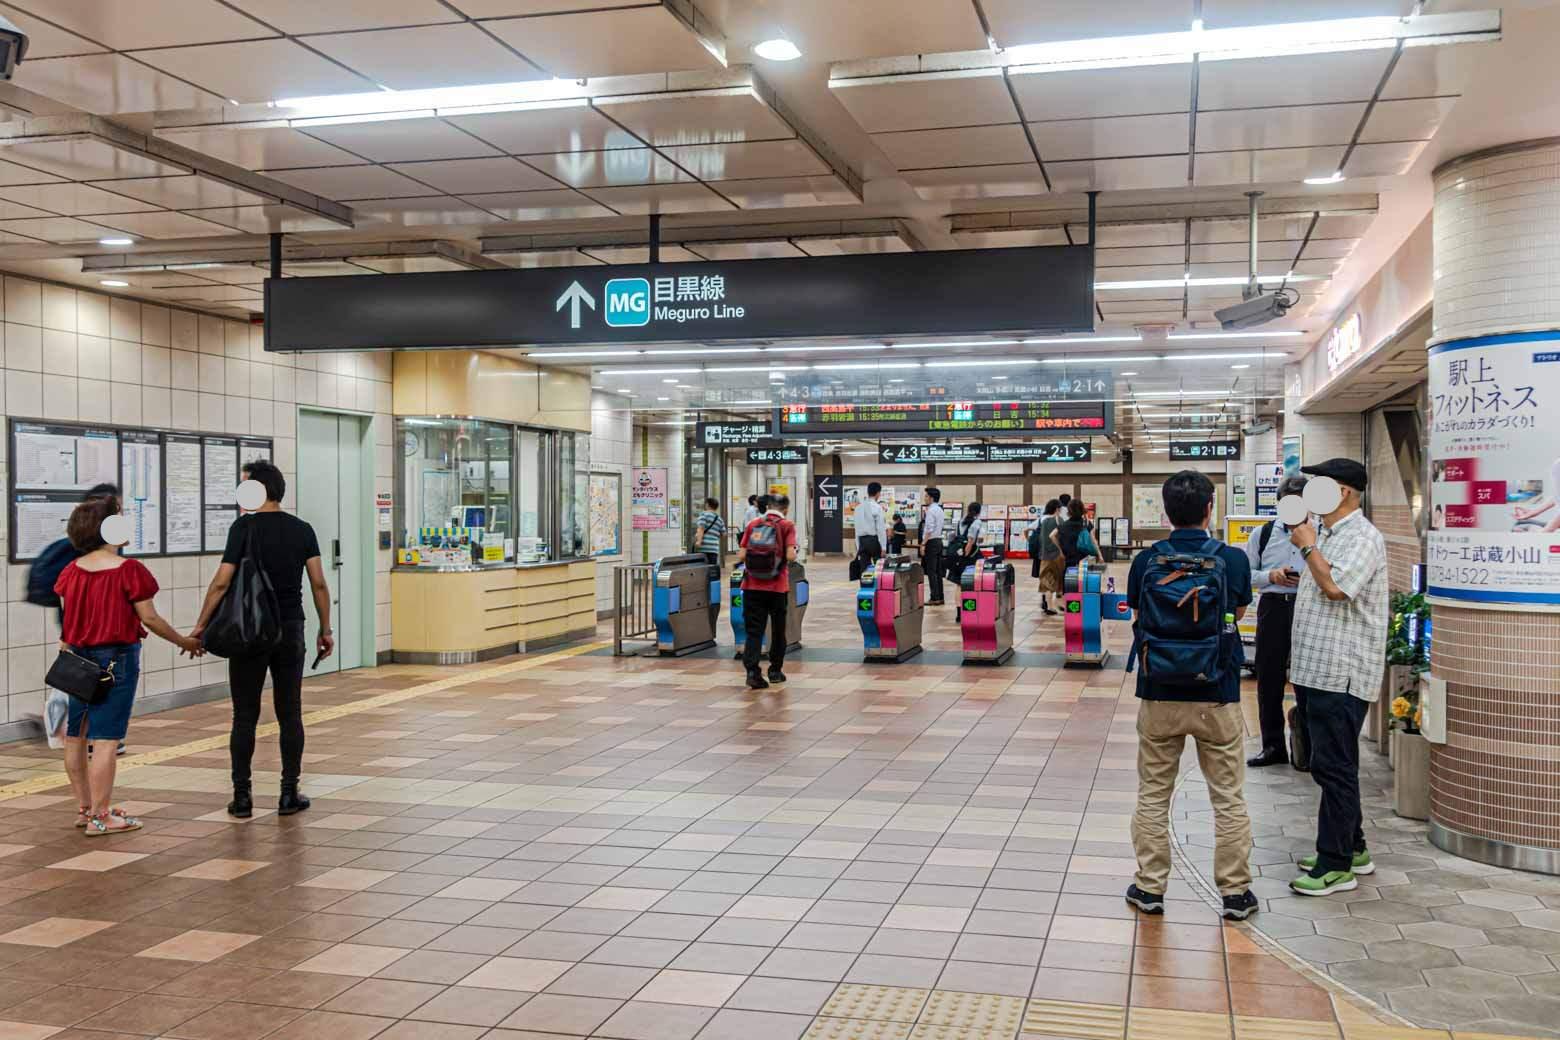 一日の平均乗降人員は5万人強。東急目黒線でもトップクラスの利用者数です。(あくまで主観的な感想ですが)そのわりには駅がコンパクトで、比較的、ストレスなく利用できるという印象があります。